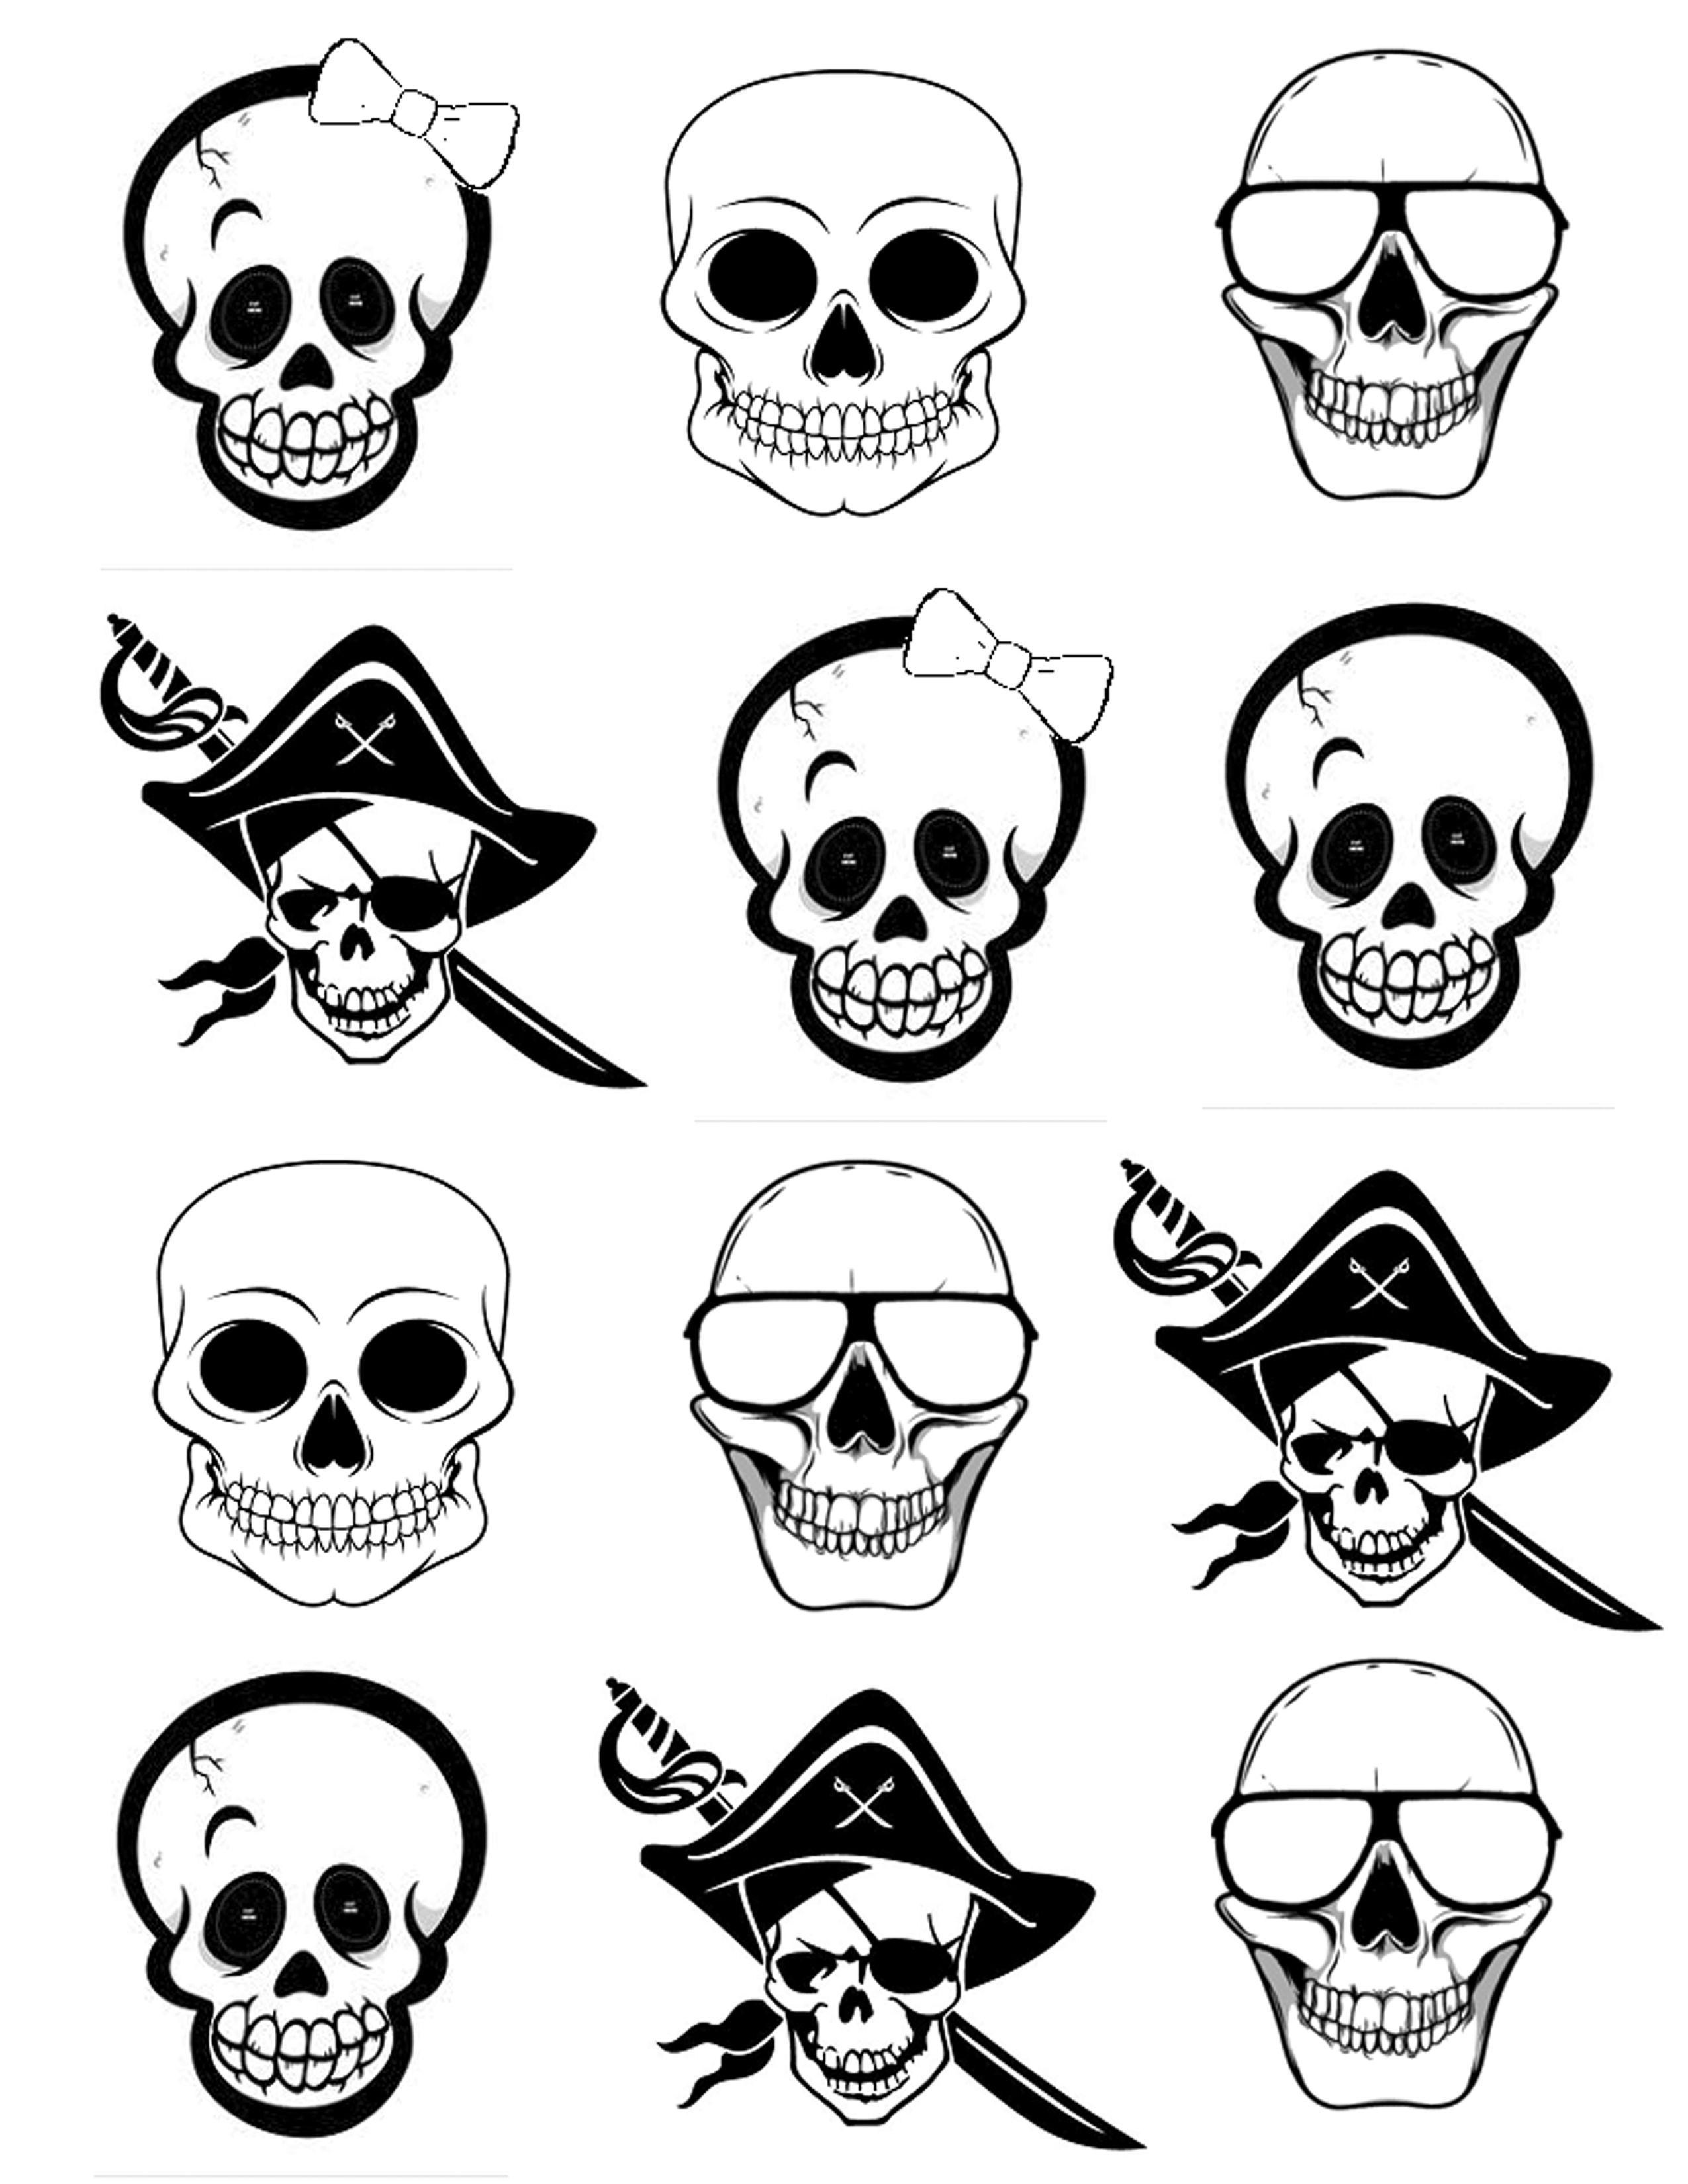 Skeleton Faces For Q Tip Skeletons